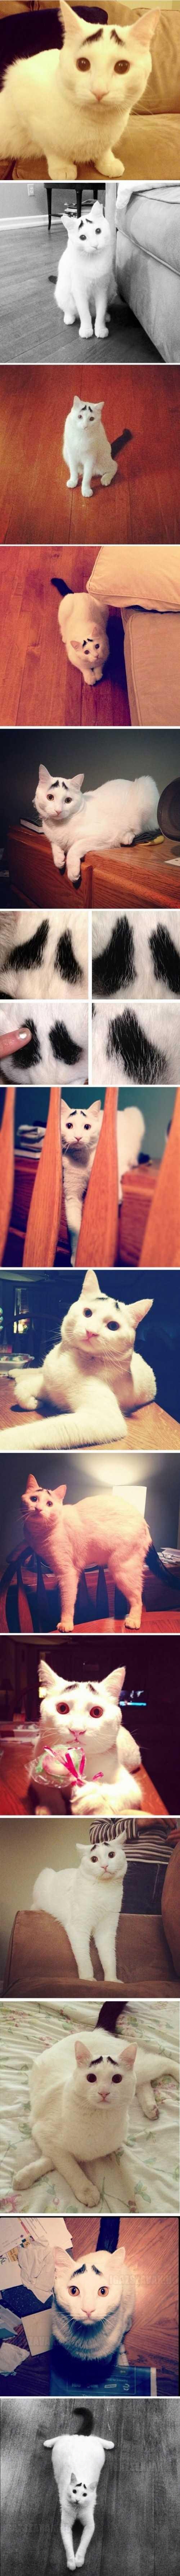 A szemöldökös cica, aki mindig kétségbe van esve